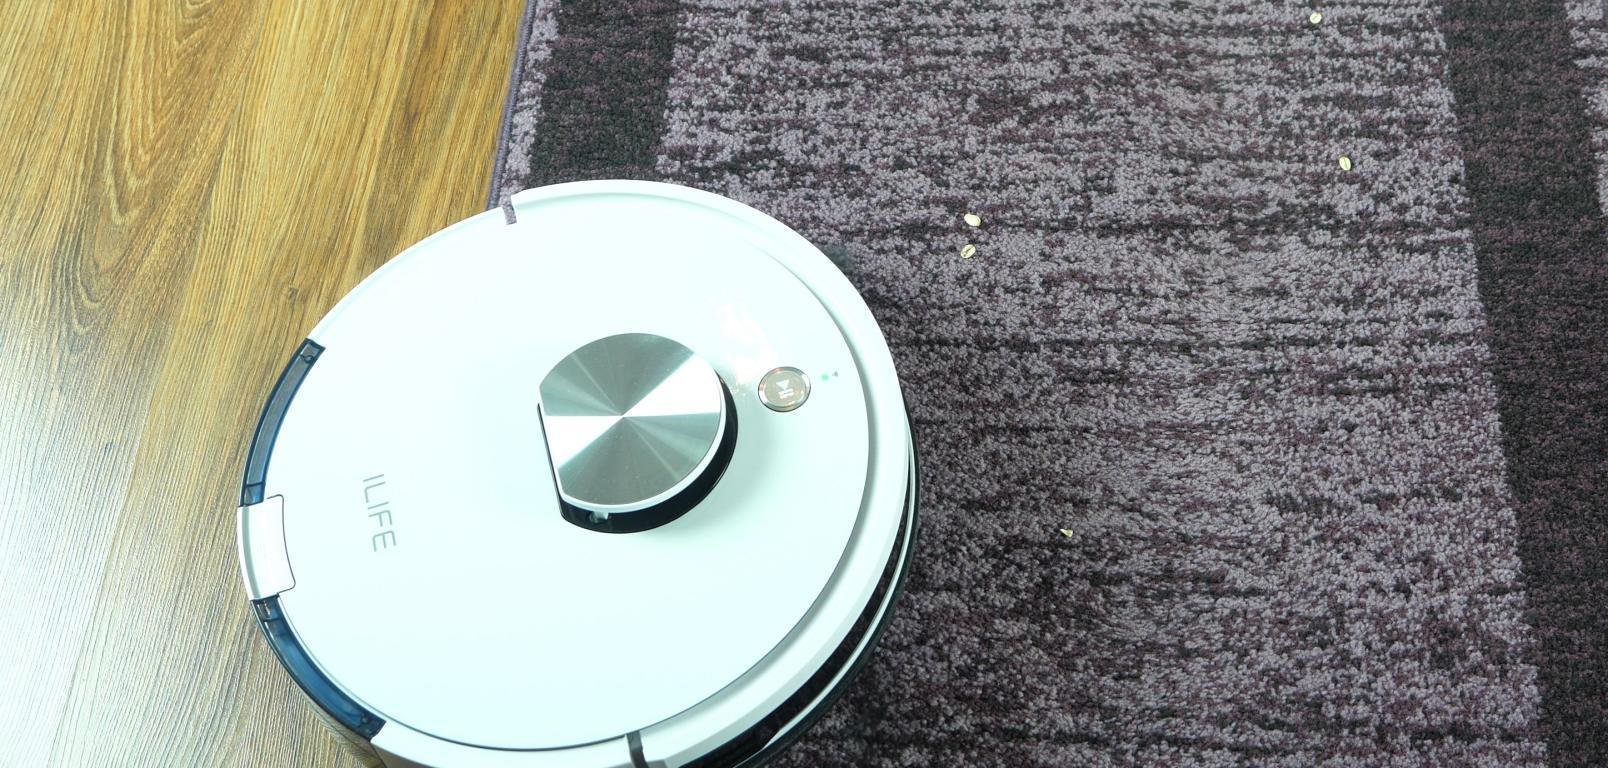 iLife L100 - recenzja robota sprzątającego - odkurzanie na dywanach